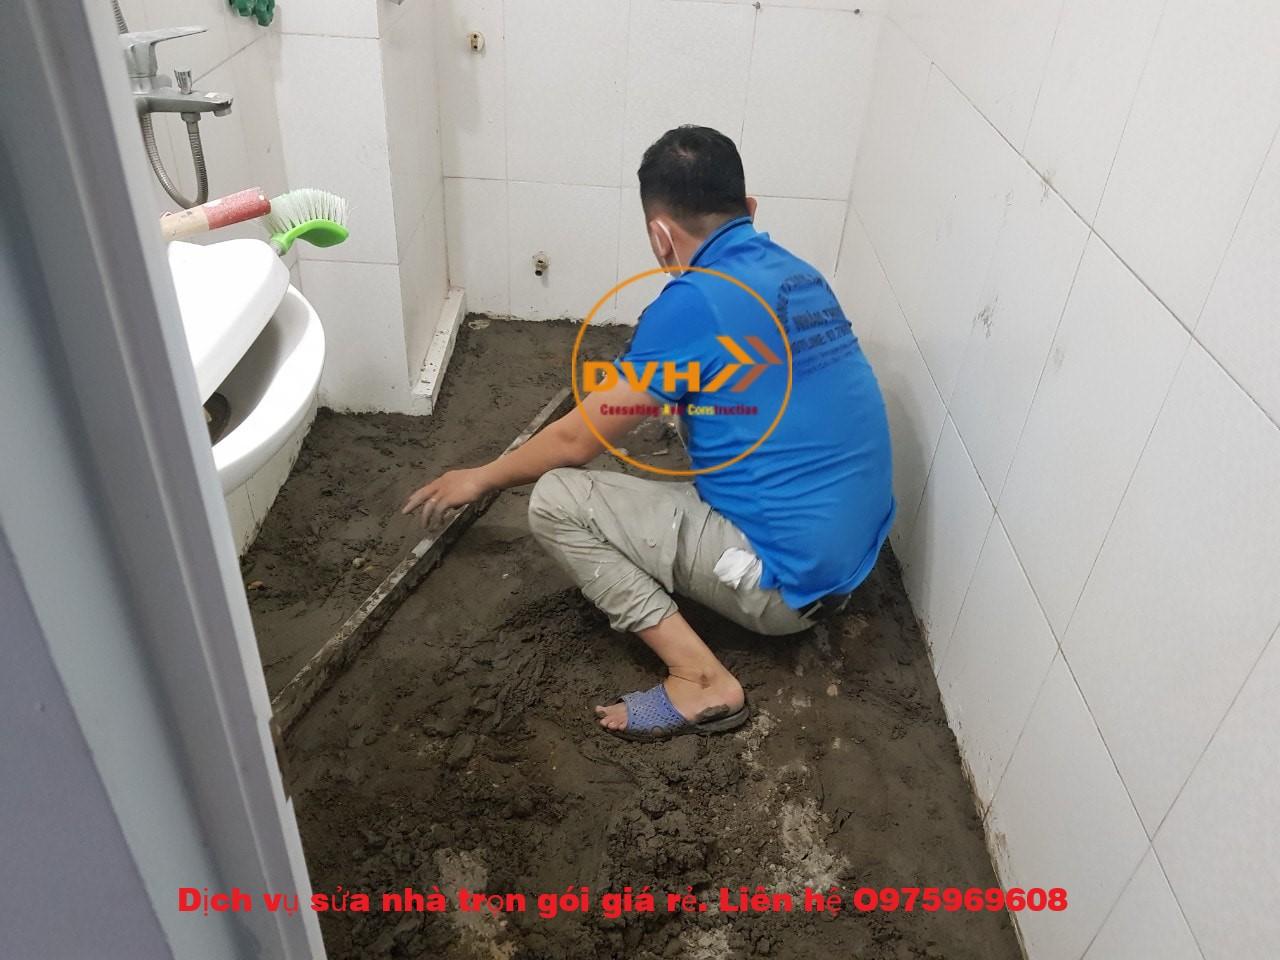 Dịch vụ sửa chữa, chống thấm nhà vệ sinh, thi công chuyên nghiệp, bảo hành dài lâu